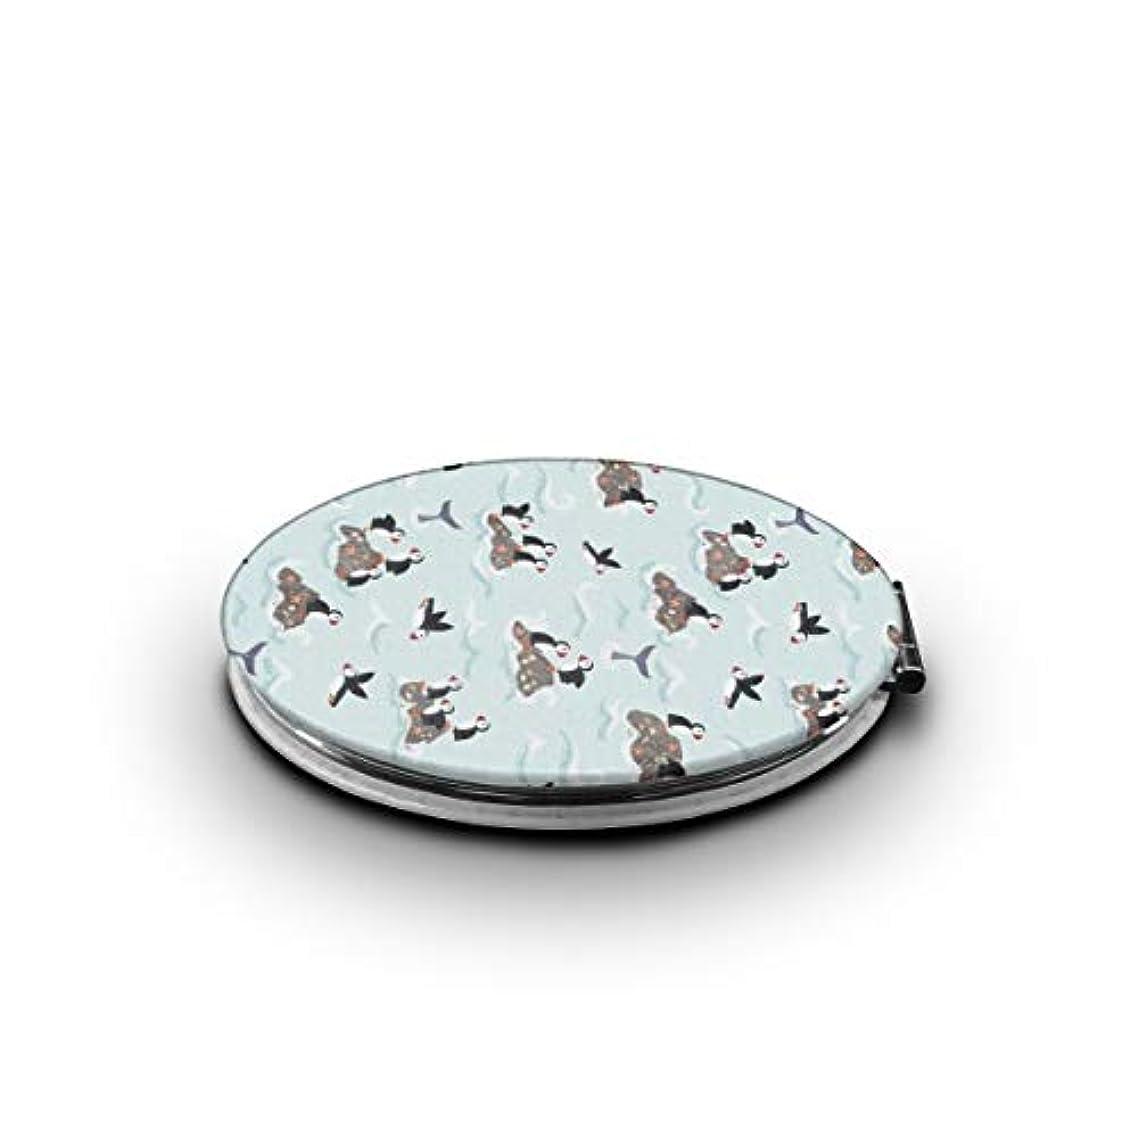 独裁眠いです引き算携帯ミラー ペンギンミニ化粧鏡 化粧鏡 3倍拡大鏡+等倍鏡 両面化粧鏡 楕円形 携帯型 折り畳み式 コンパクト鏡 外出に 持ち運び便利 超軽量 おしゃれ 9.0X6.6CM